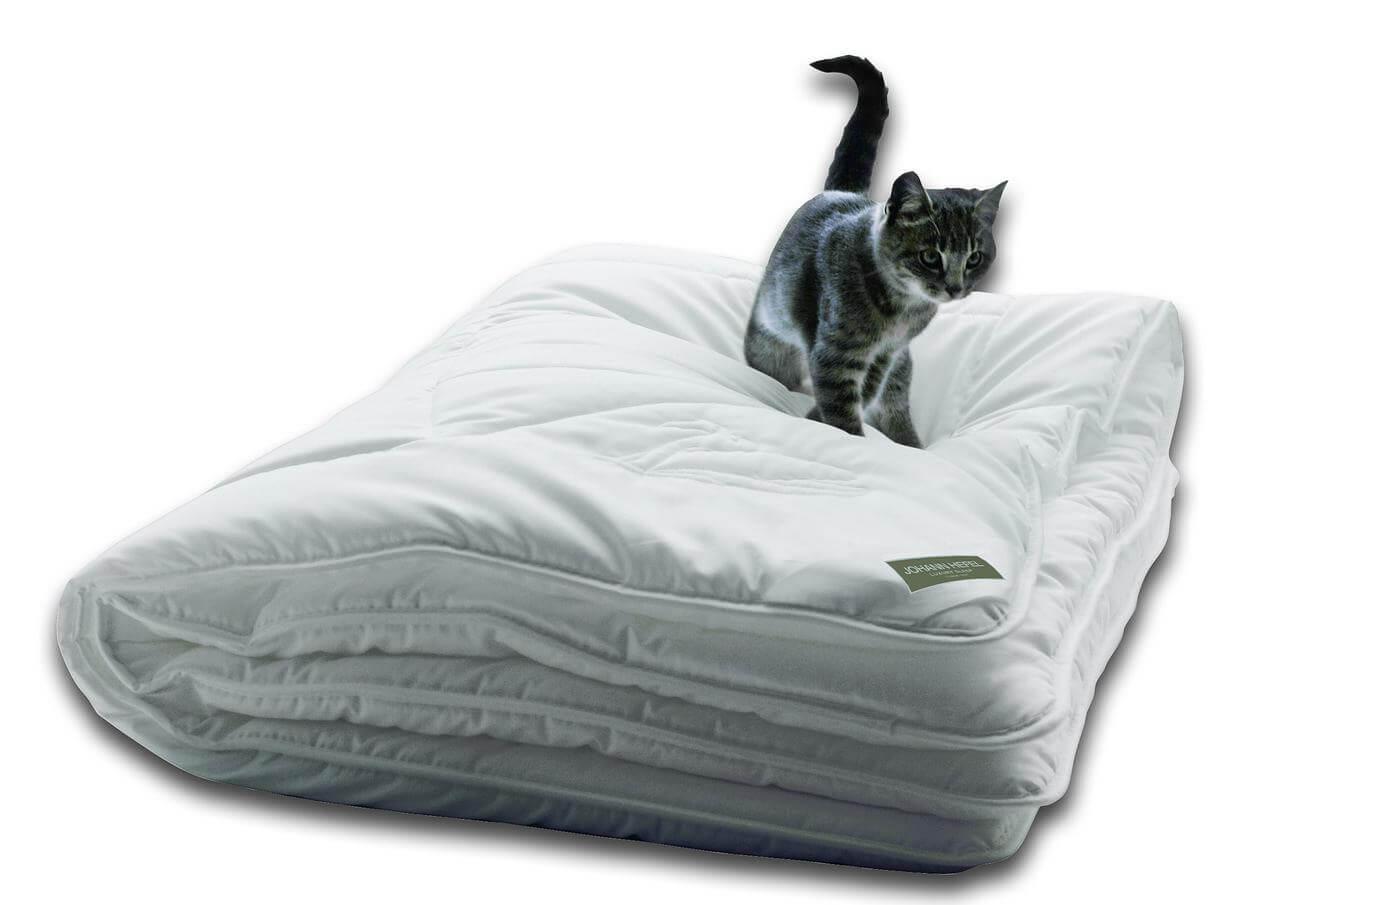 Аллергия на одеяло